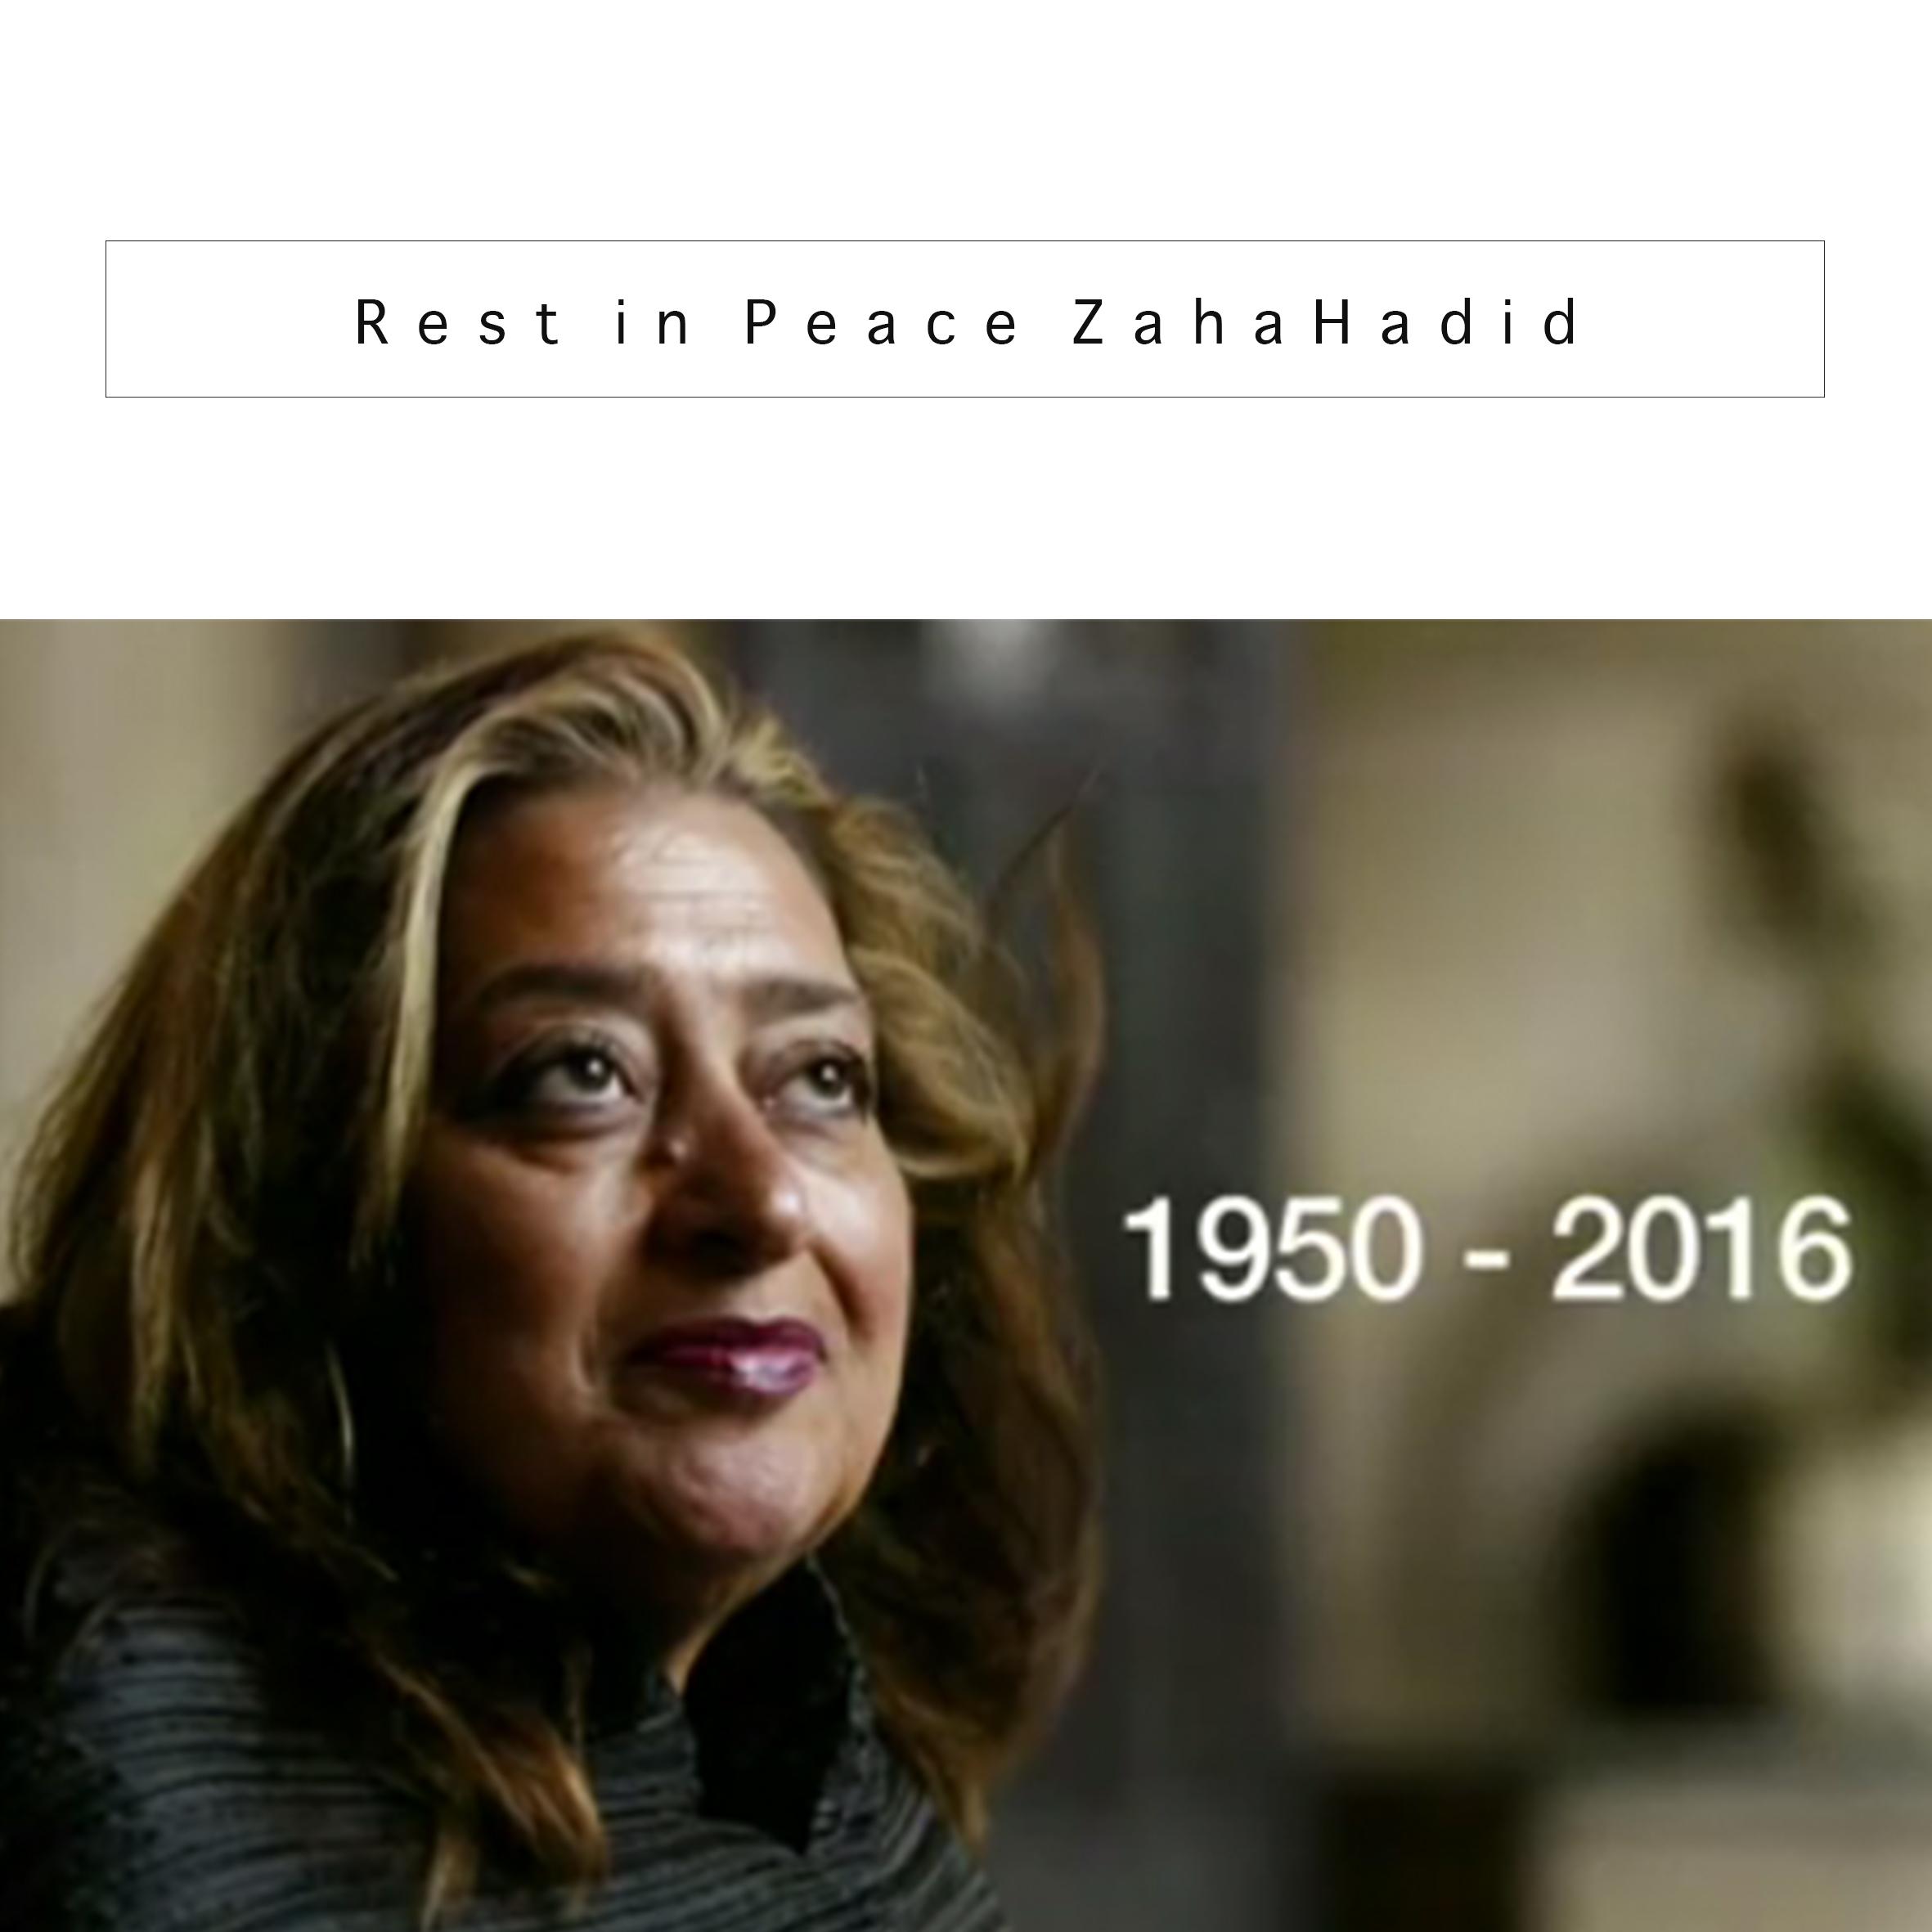 RIP Zaha